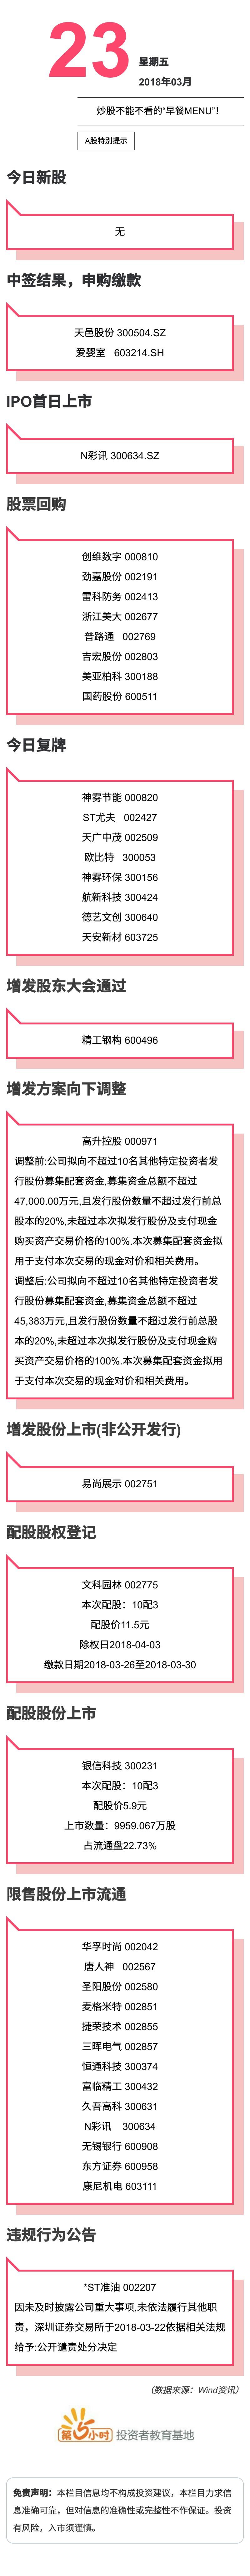 A股特别提示(2018-03-23).jpg